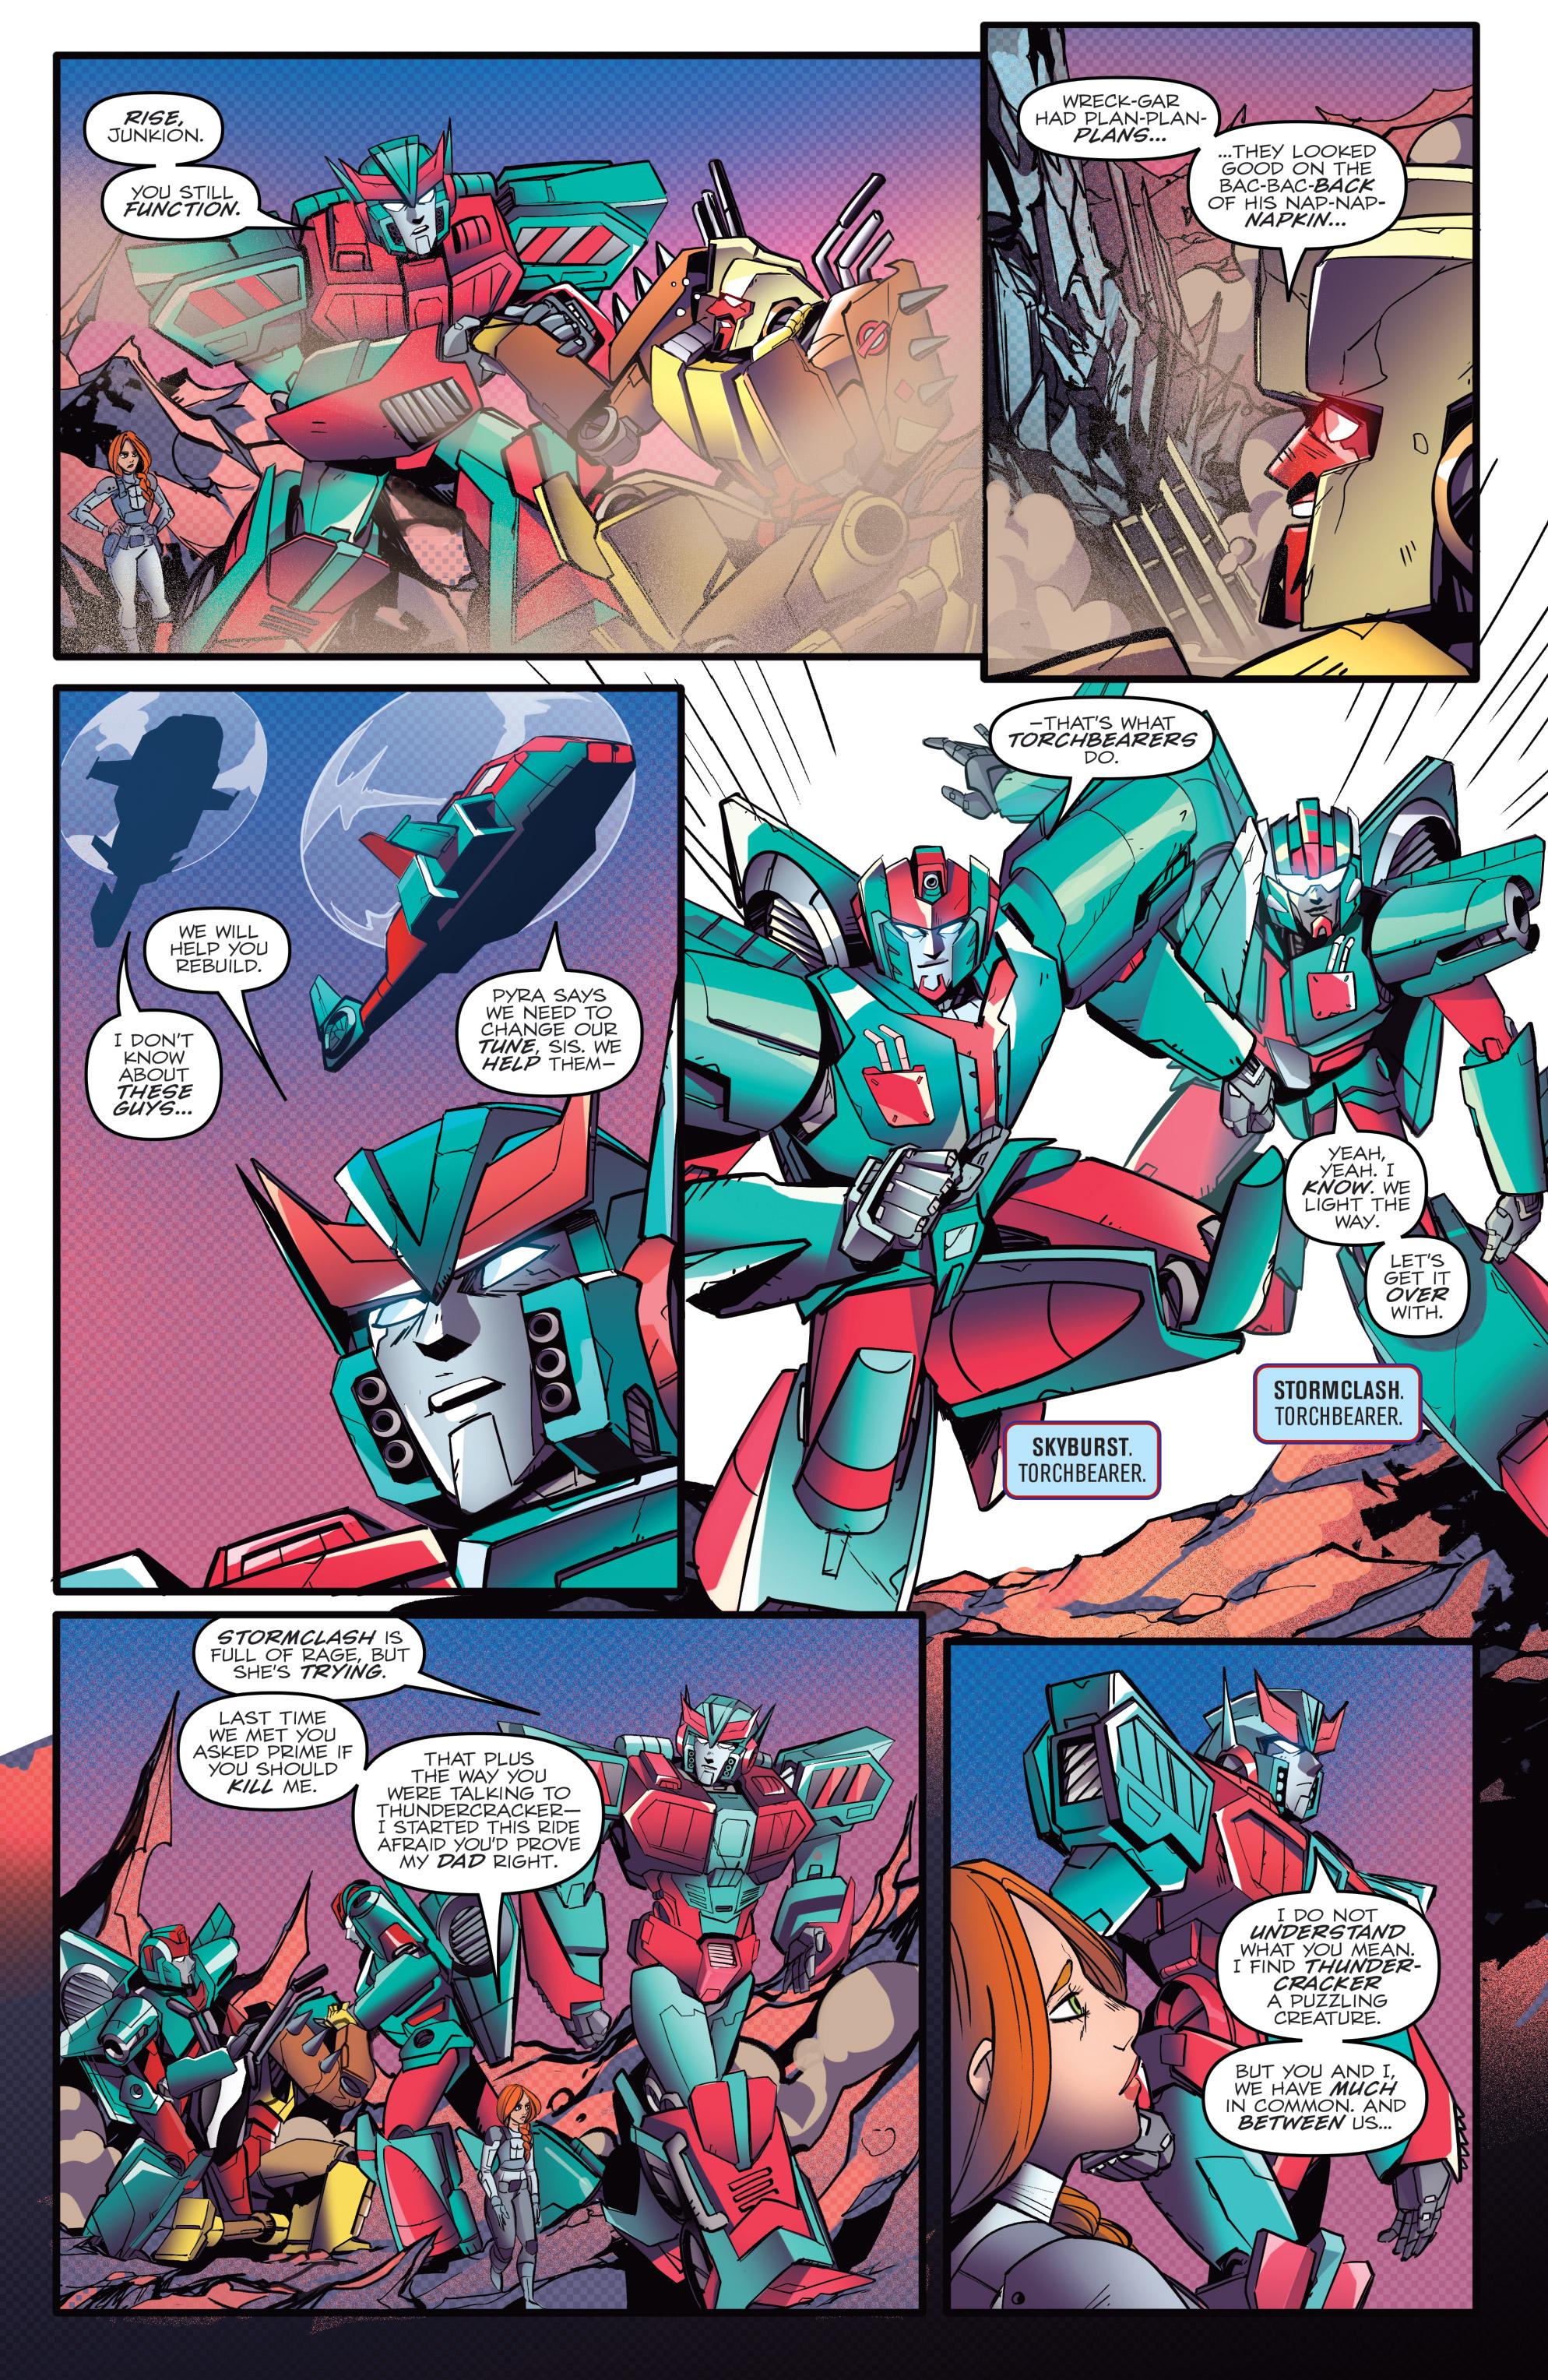 Read online Optimus Prime comic -  Issue #7 - 21